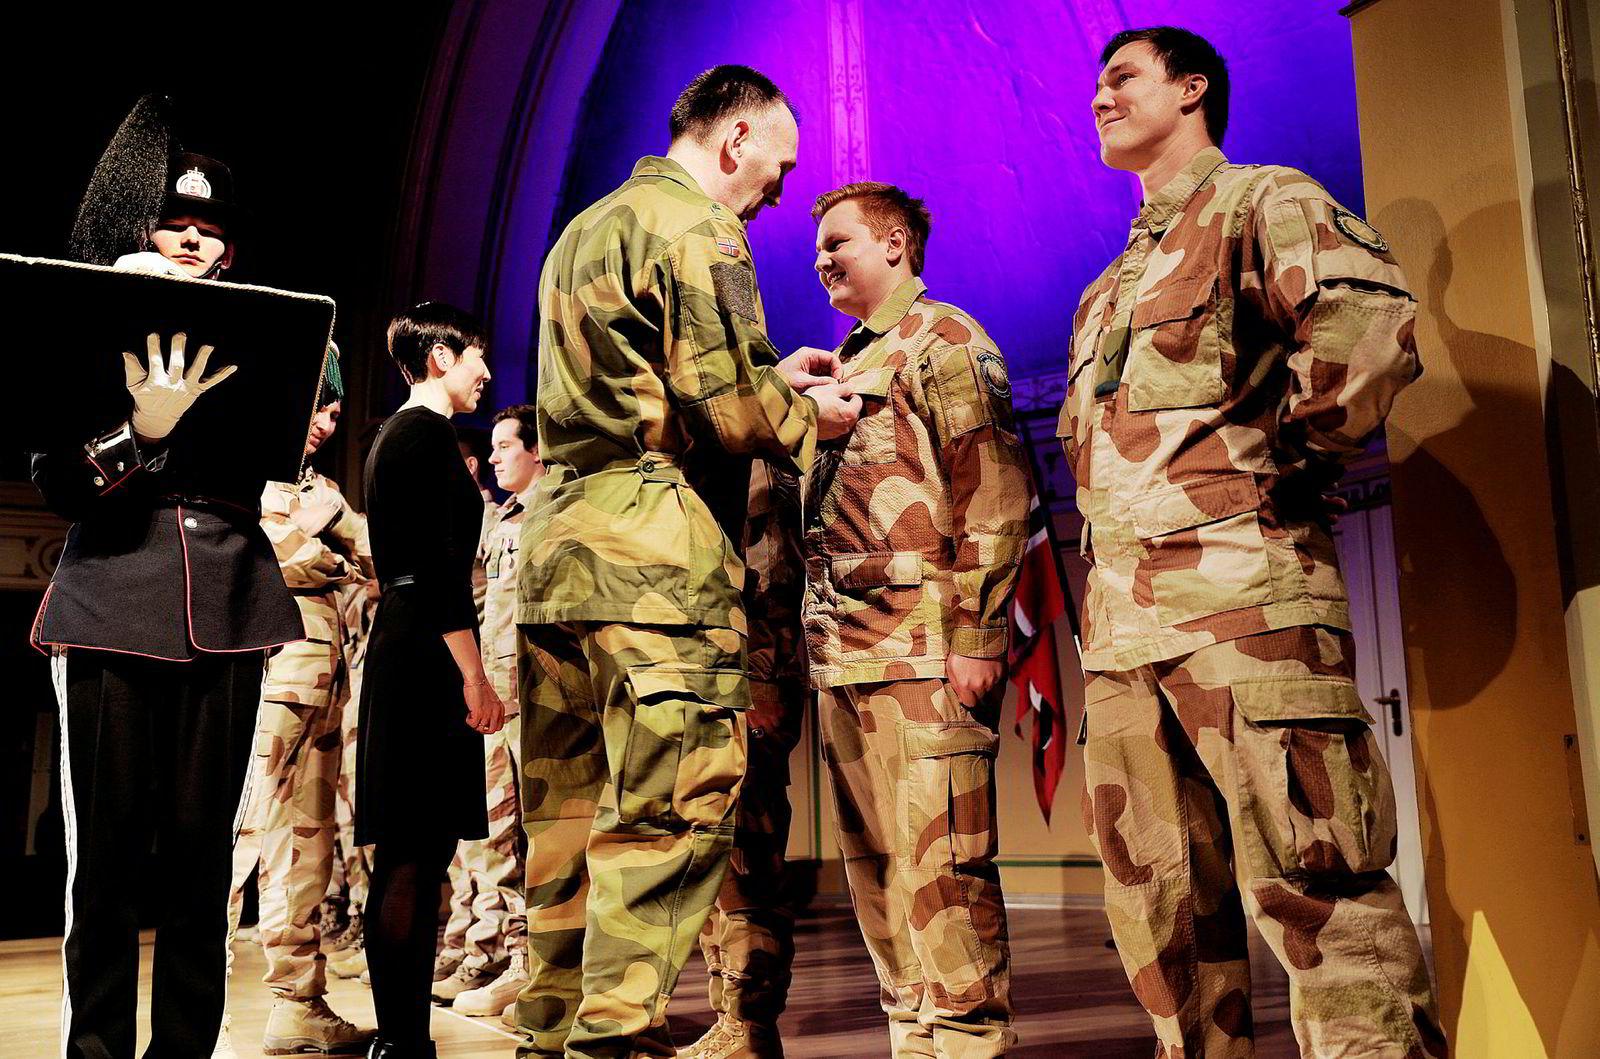 Etter å ha vært værfast i Istanbul i tre dager kom soldatene som tjenestegjorde i Irak hjem til medaljeseremoni der de fikk Forsvarets operasjonsmedalje for sin innsats.